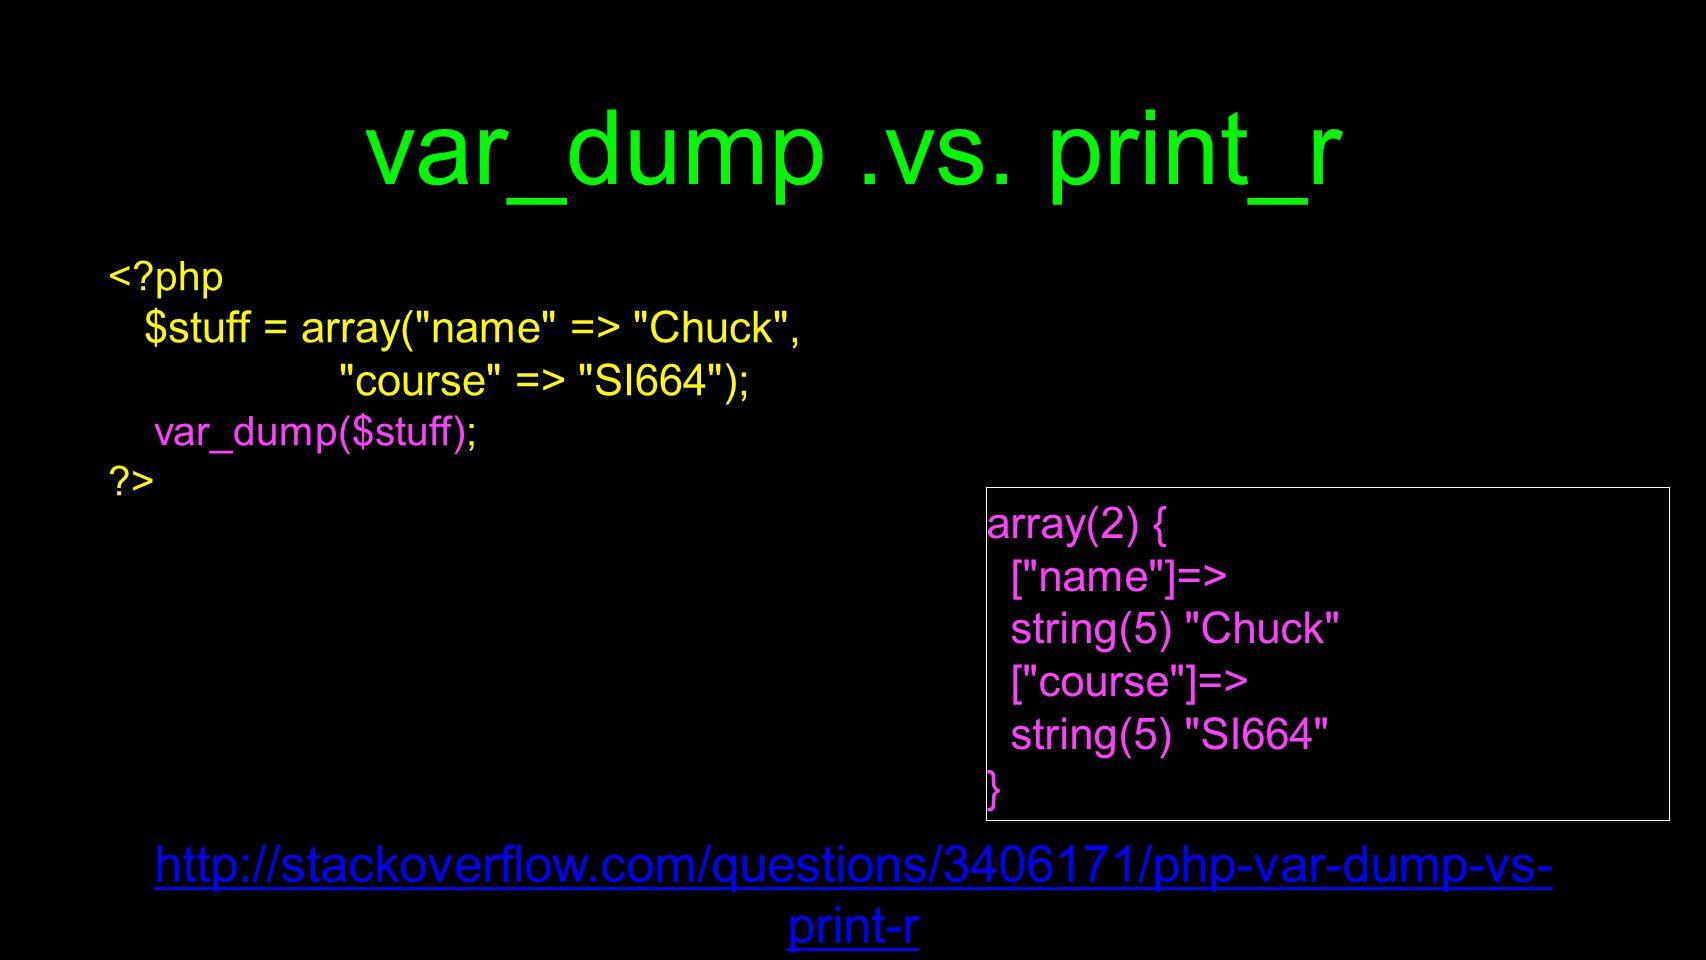 var_dump.vs.